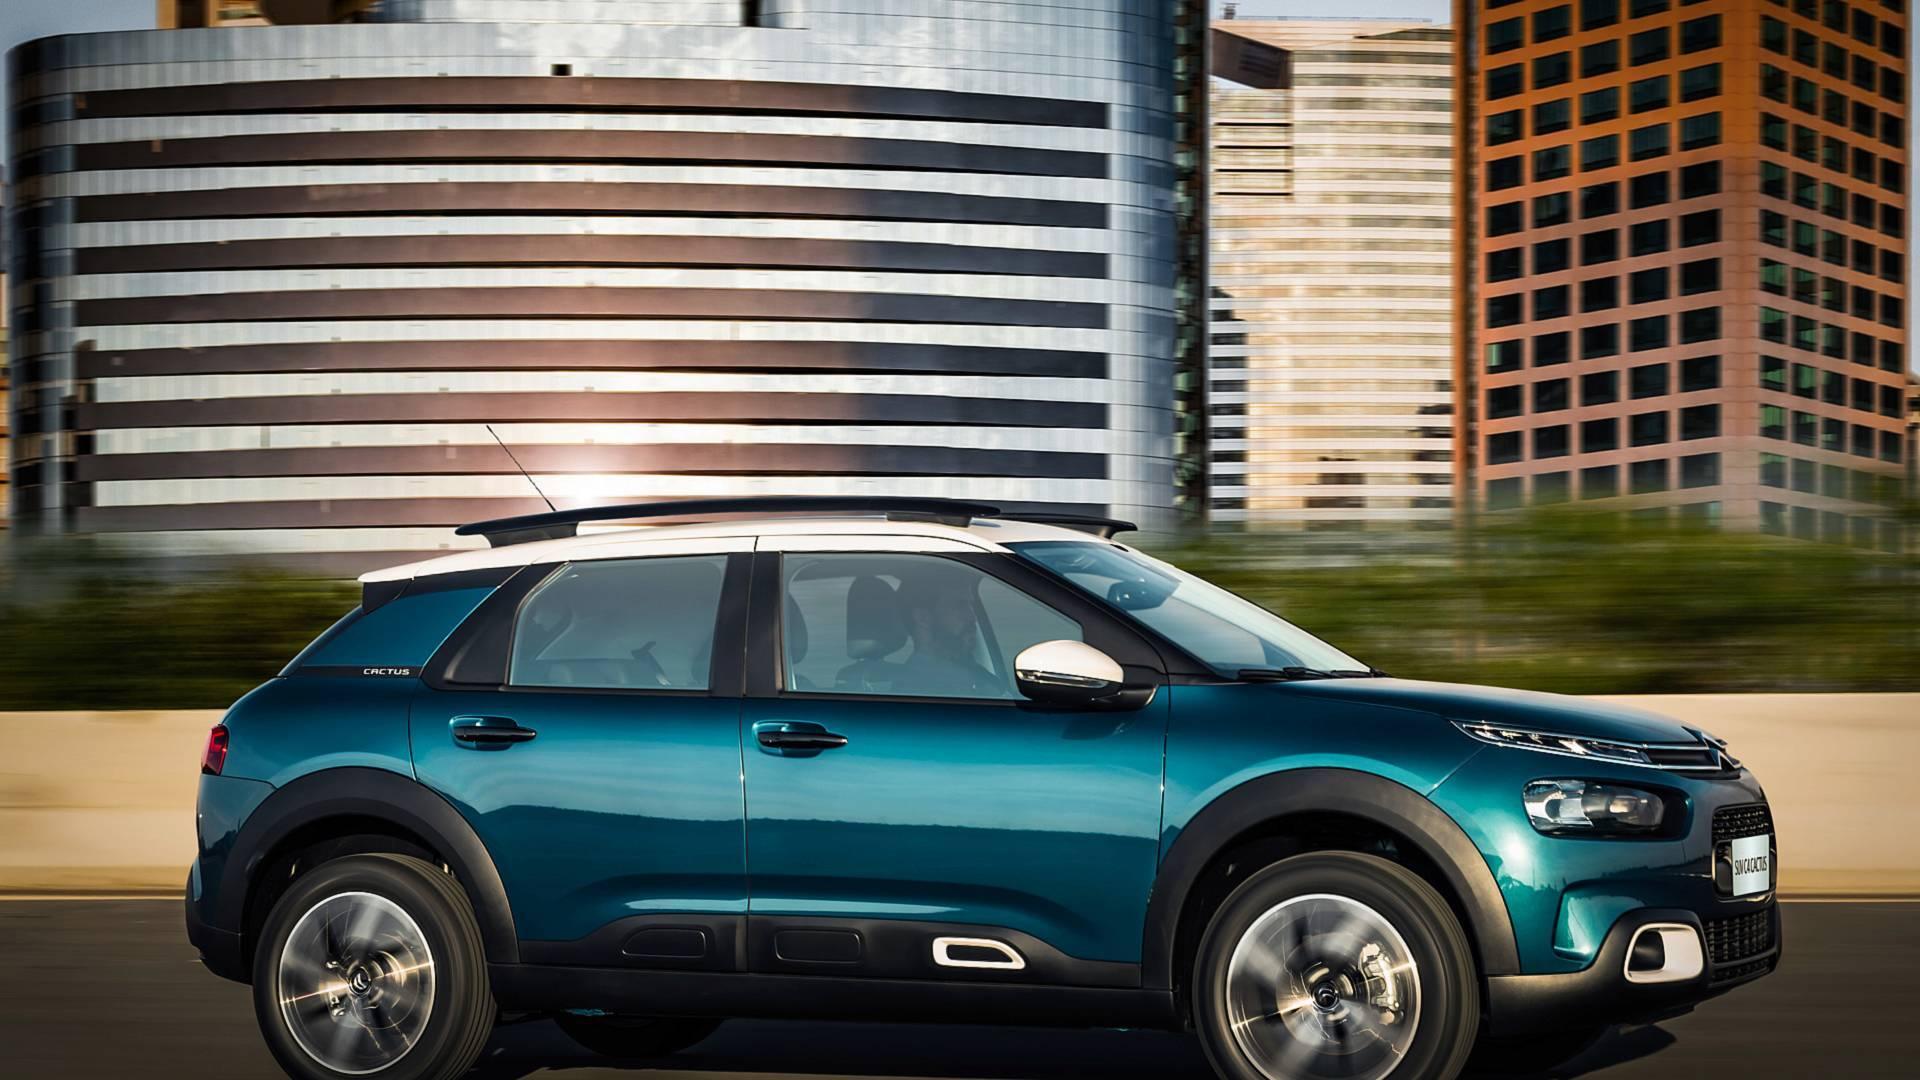 Citroën C4 Cactus. Foto: Divulgação